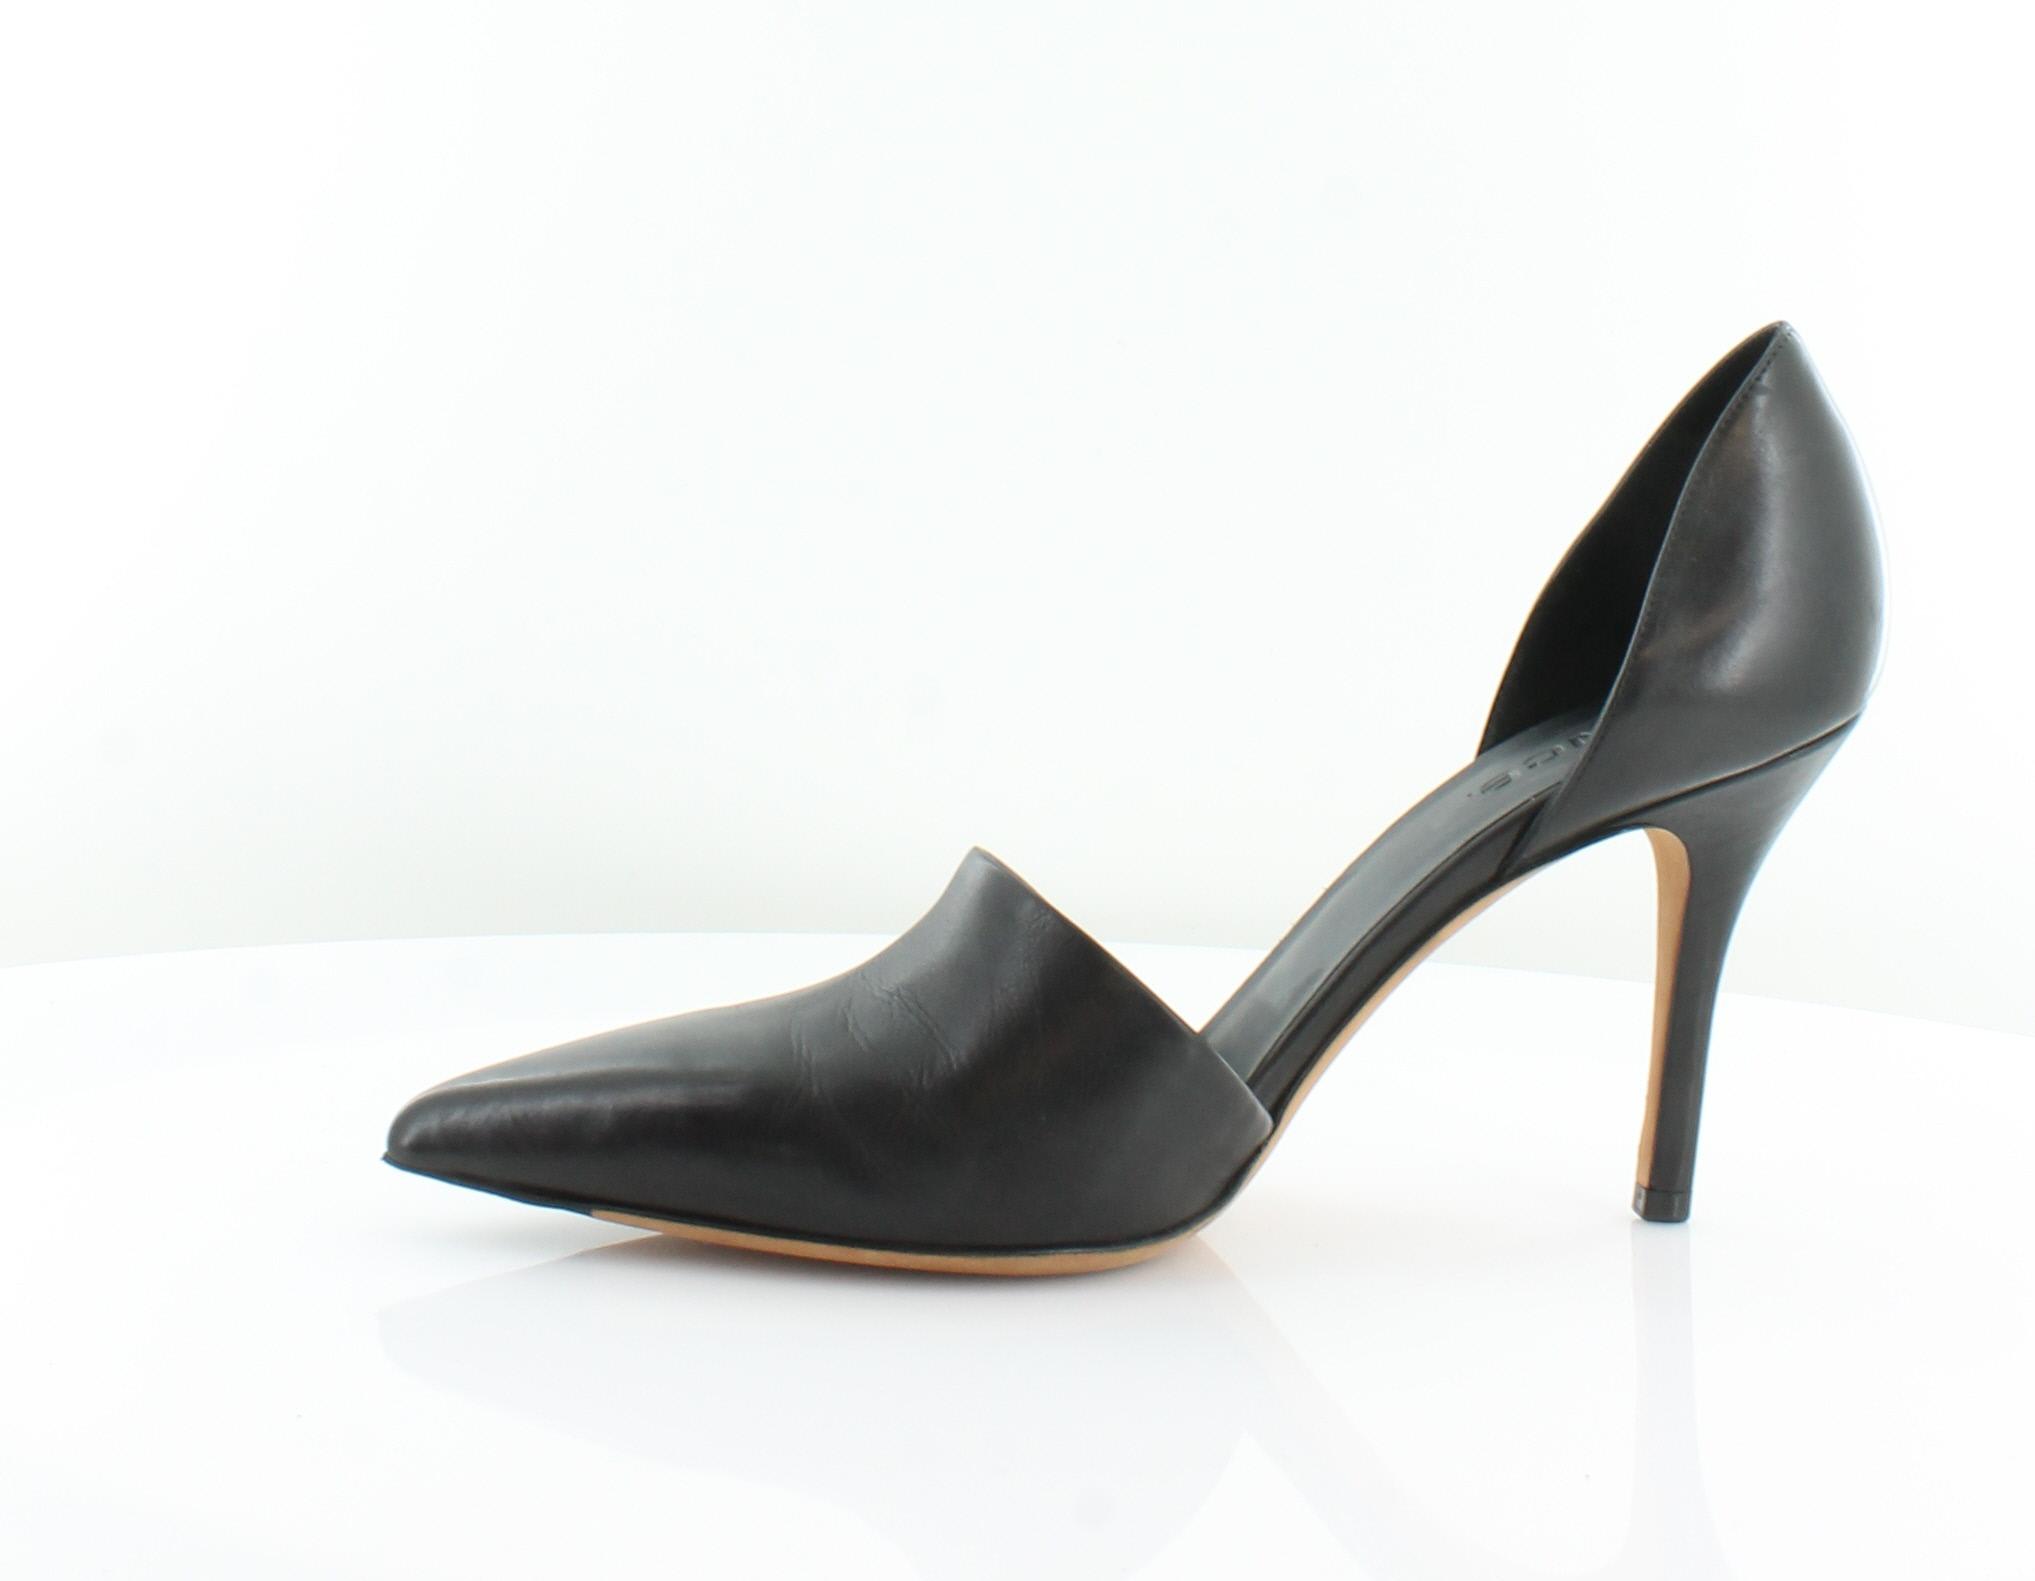 221c3602db7 VINCE Claire Black Womens Shoes Size 9.5 M Heels MSRP  375 ...